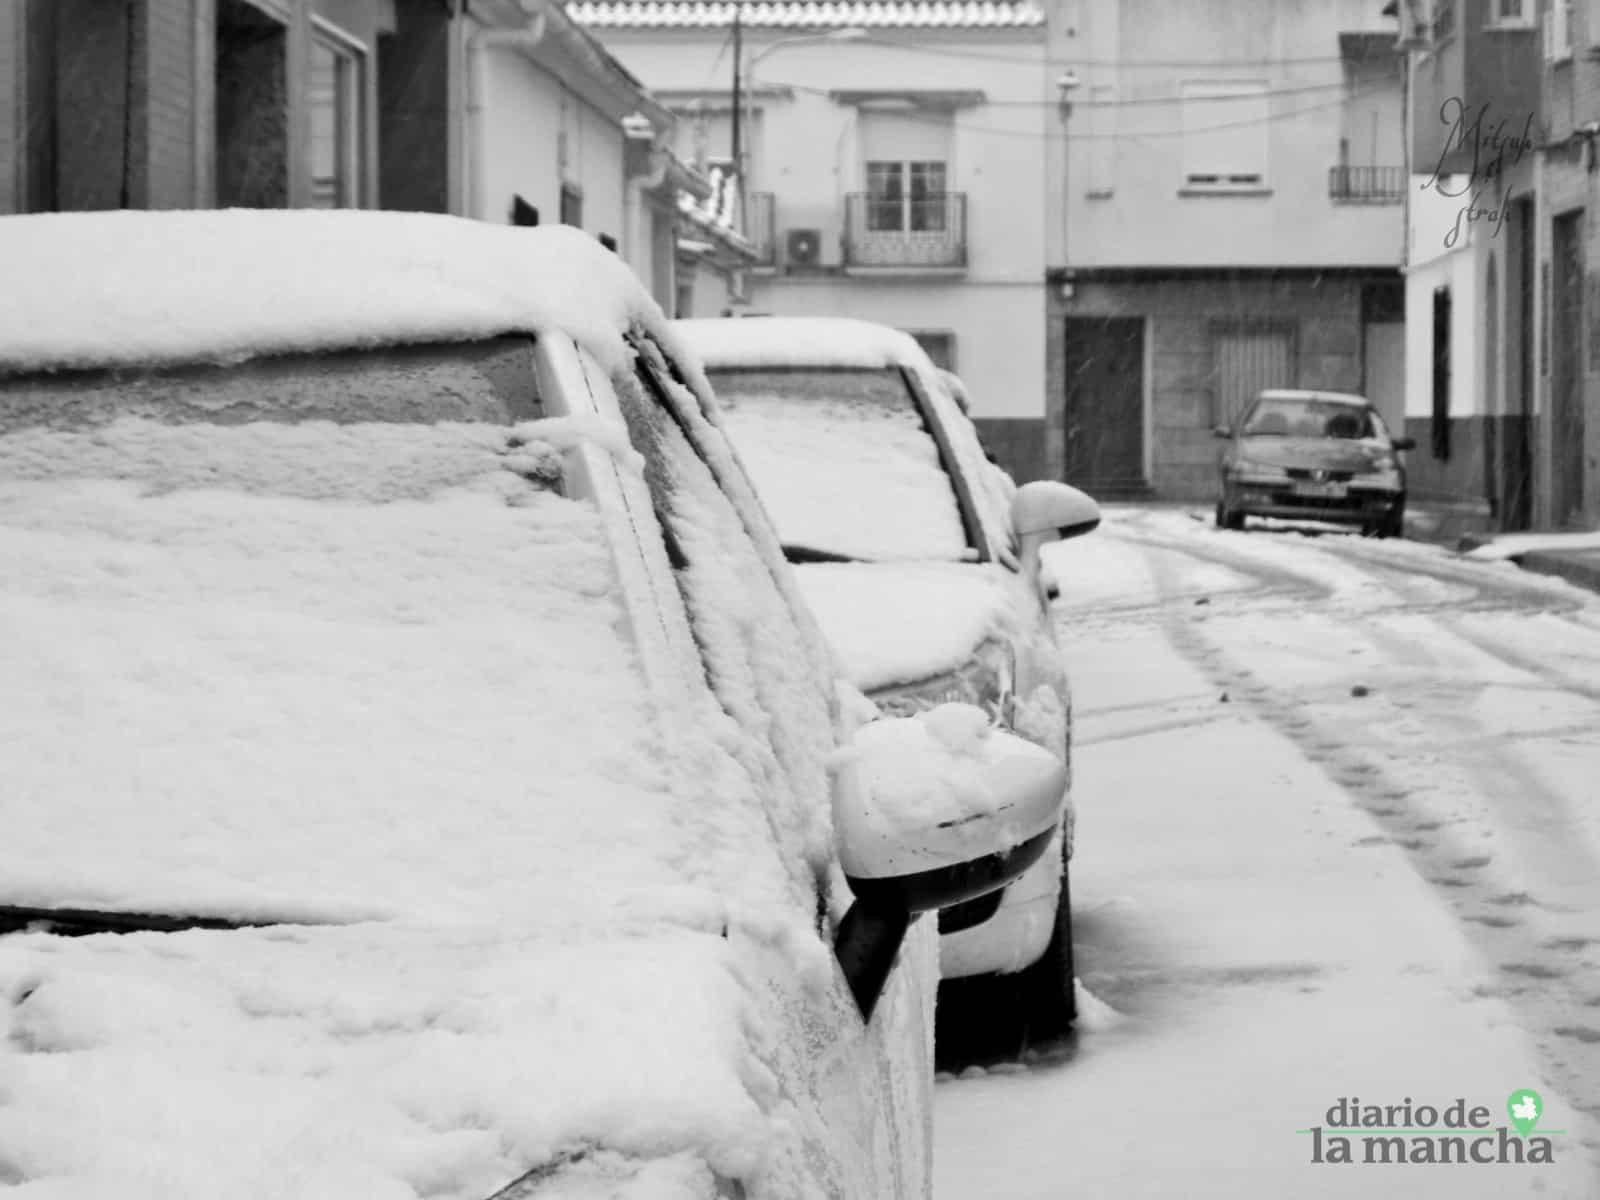 Fotografías de la primera nevada de 2021 en Tomelloso 38